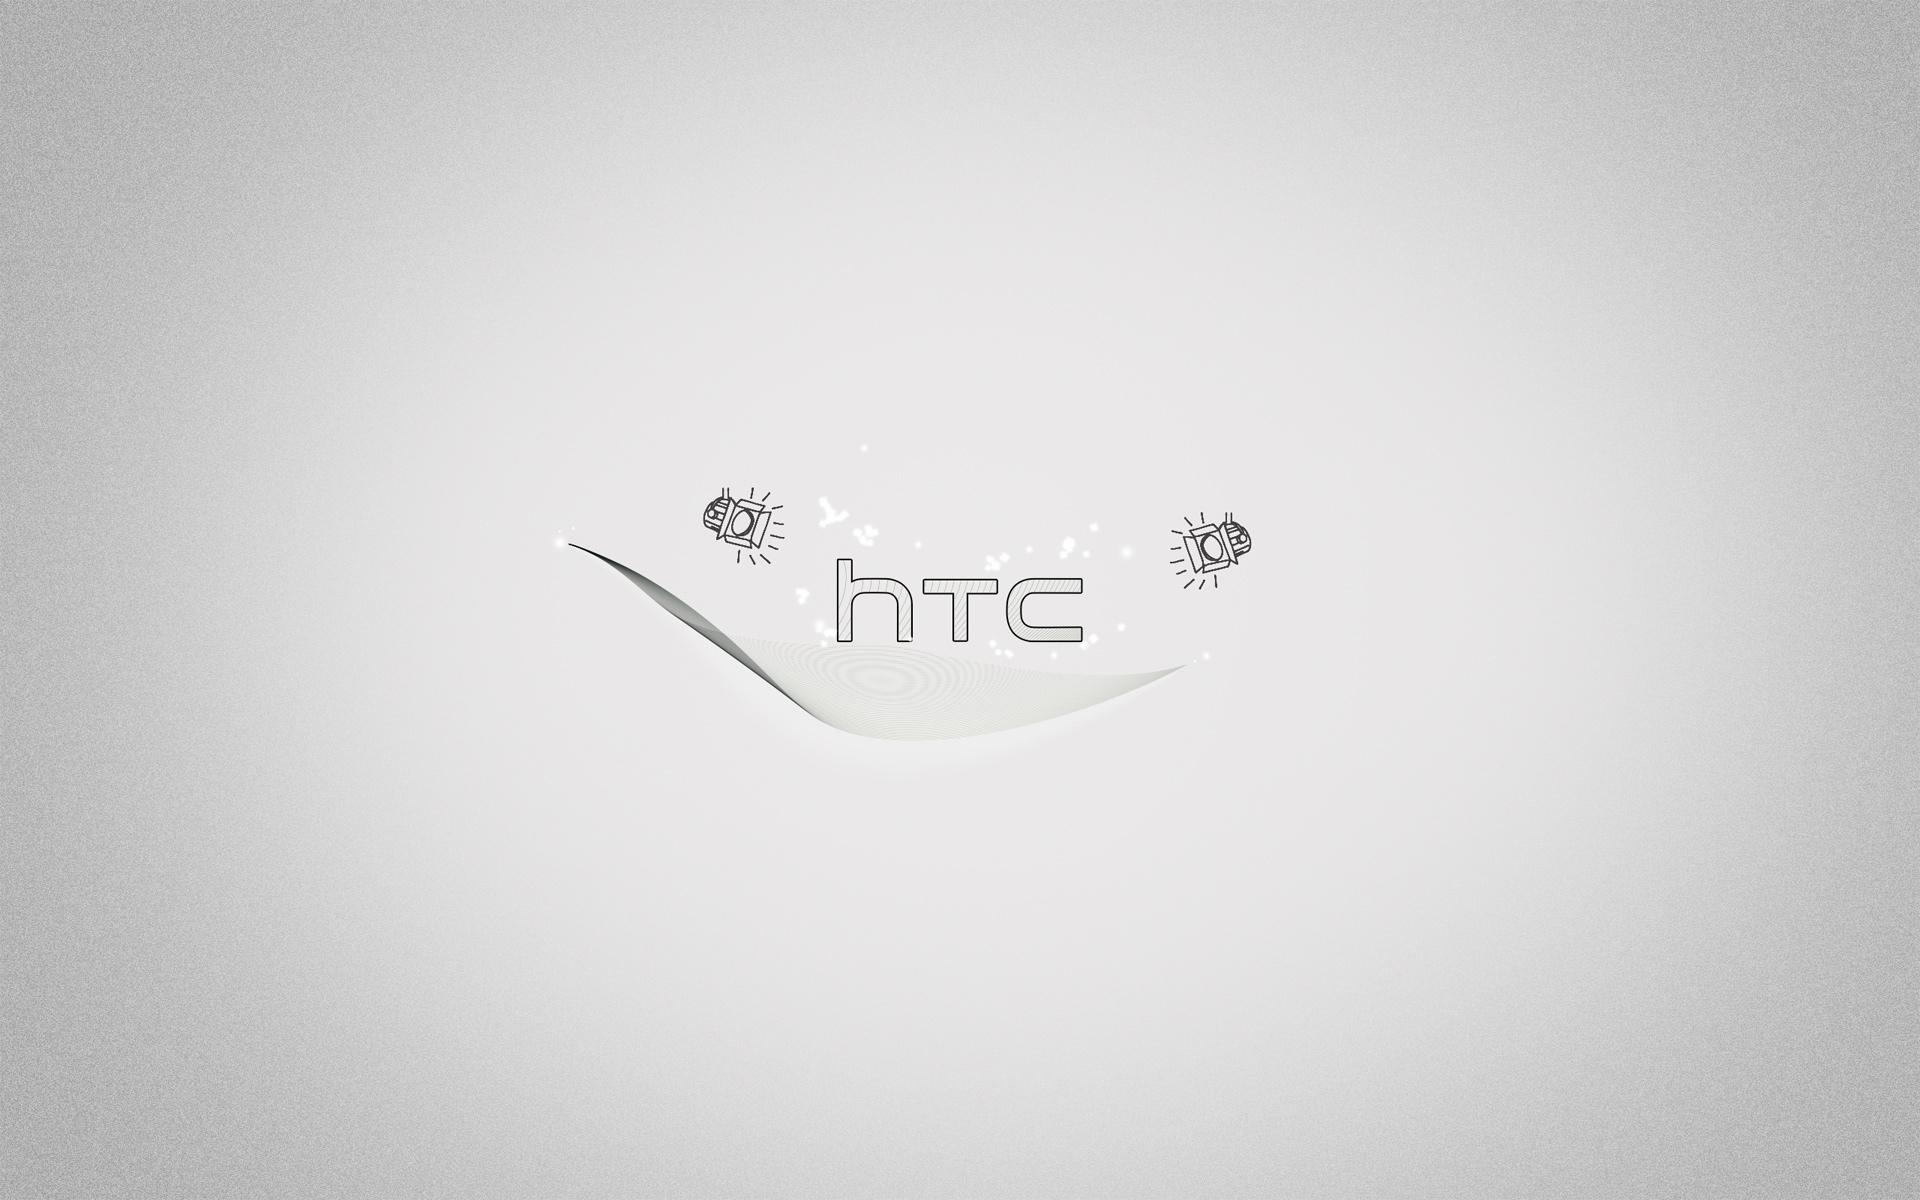 телефон htc скачать